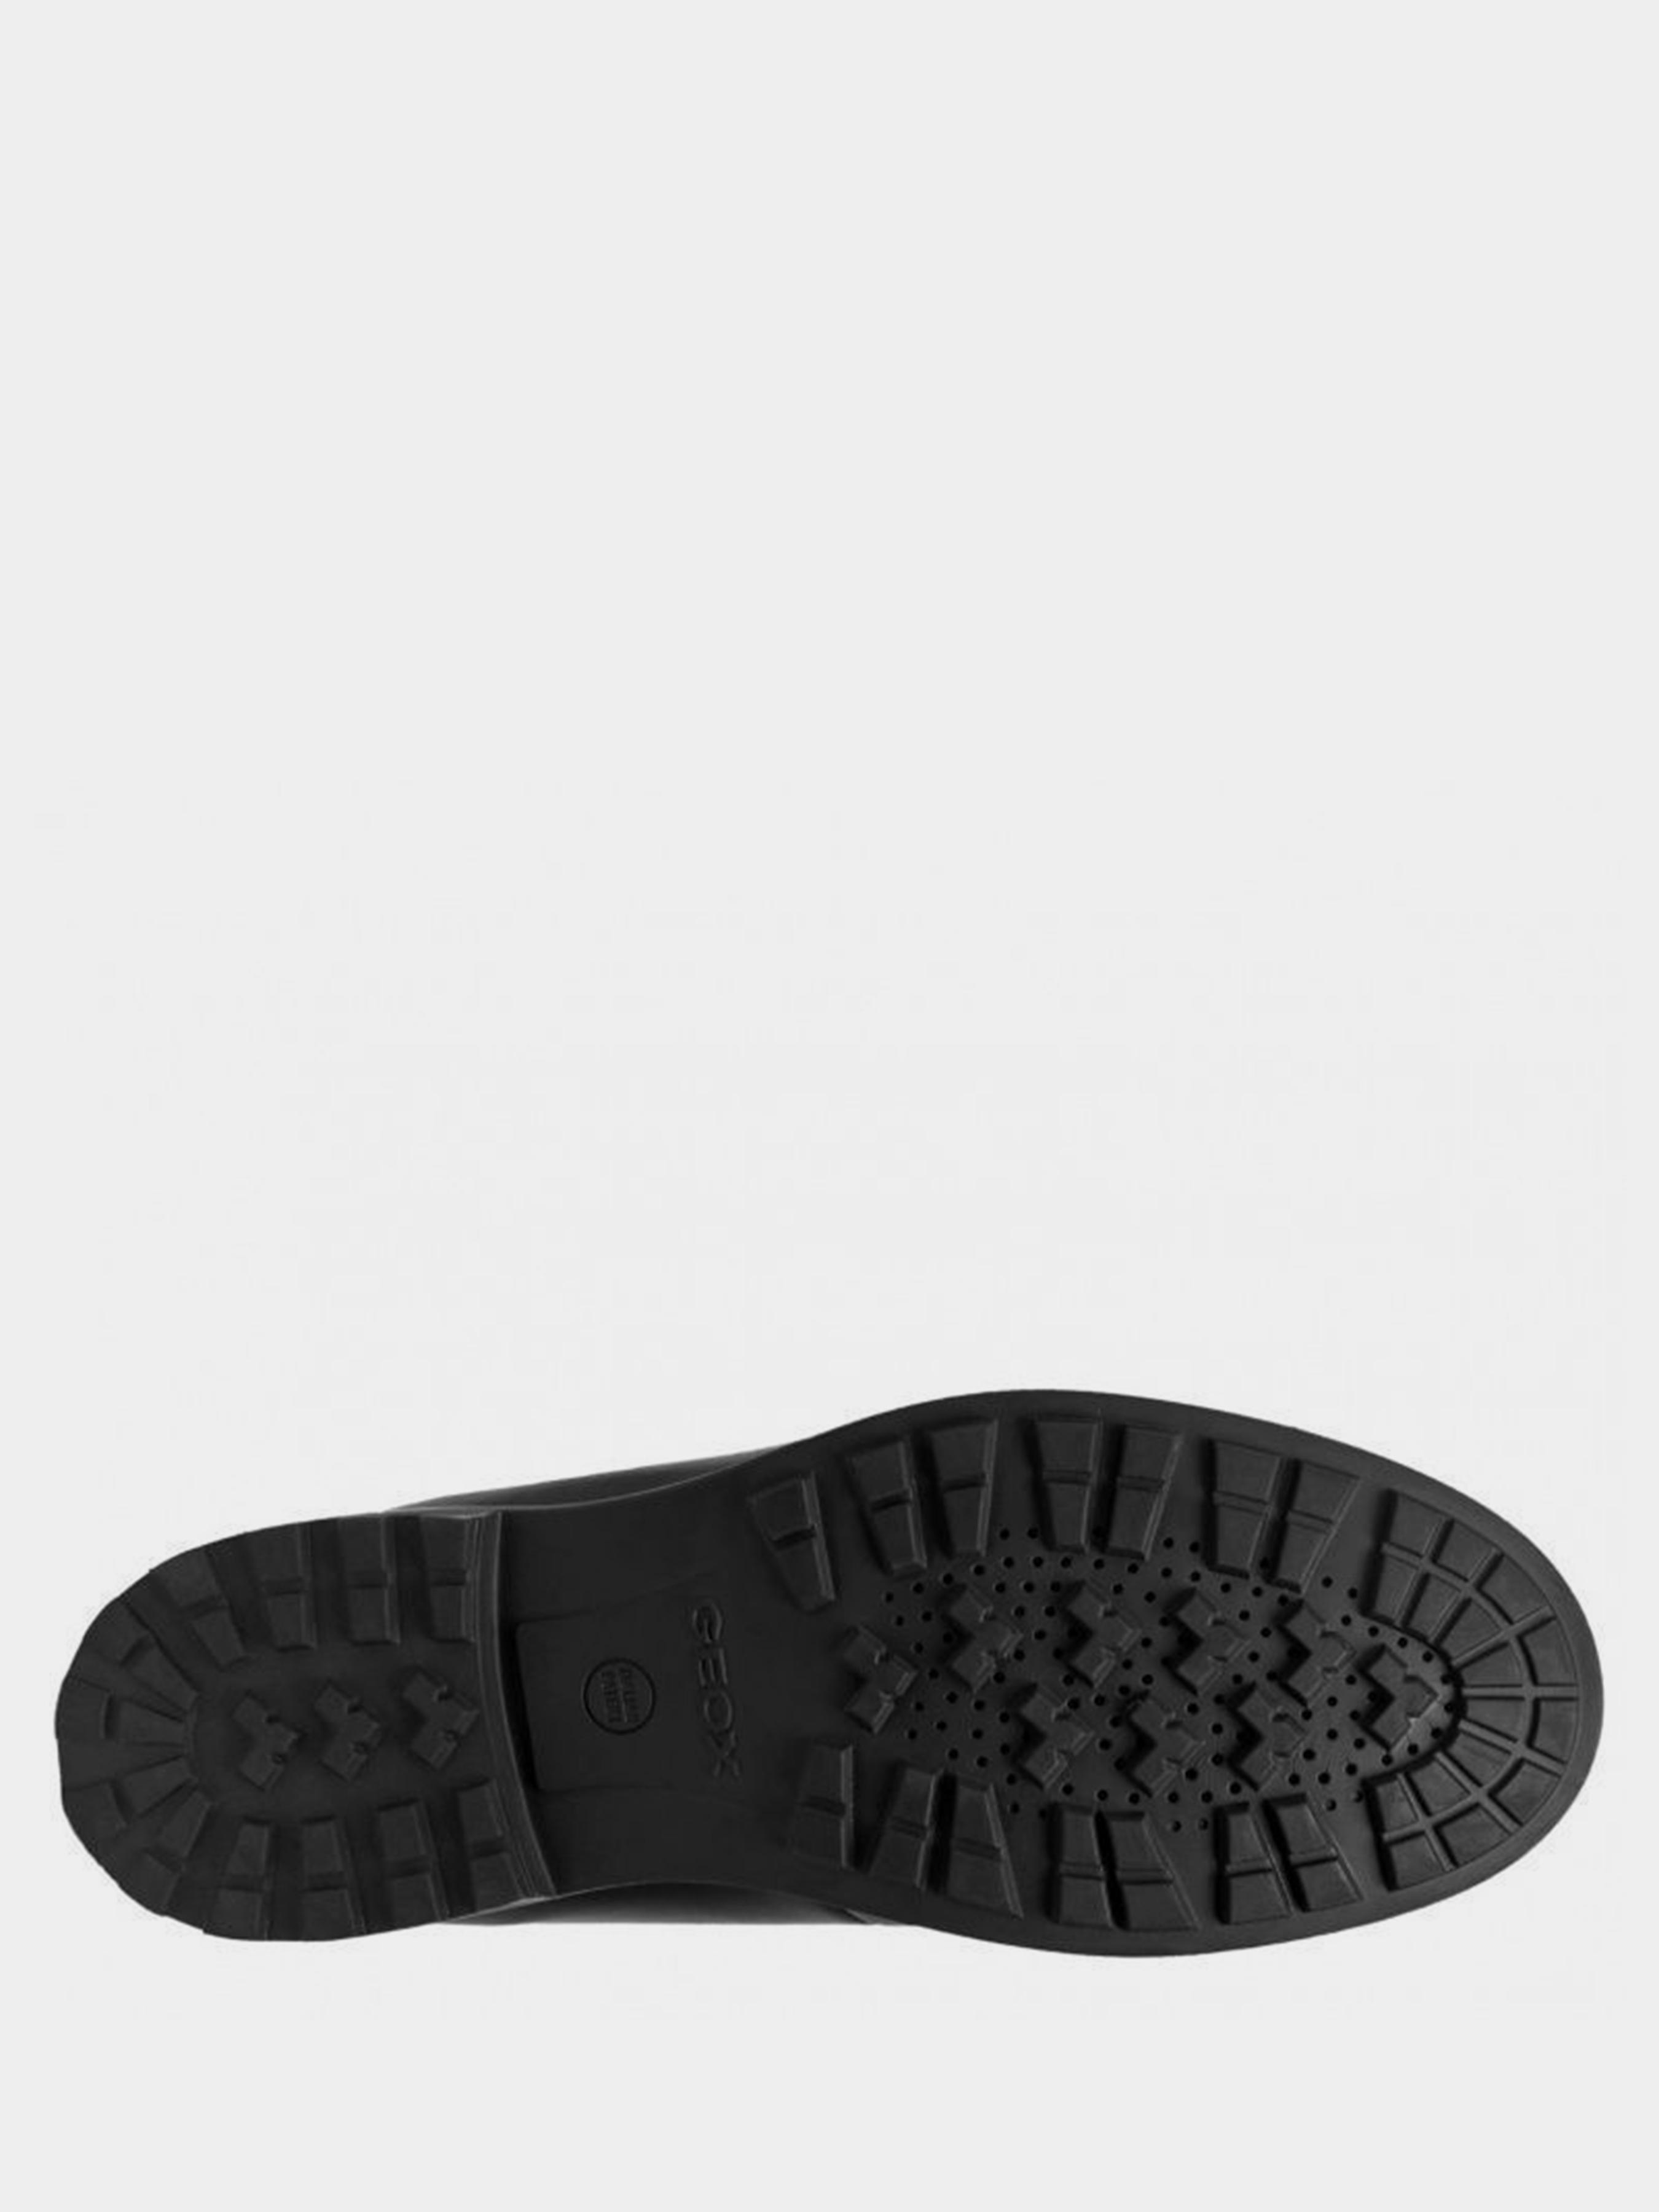 Ботинки для мужчин Geox RHADALF XM1889 купить обувь, 2017